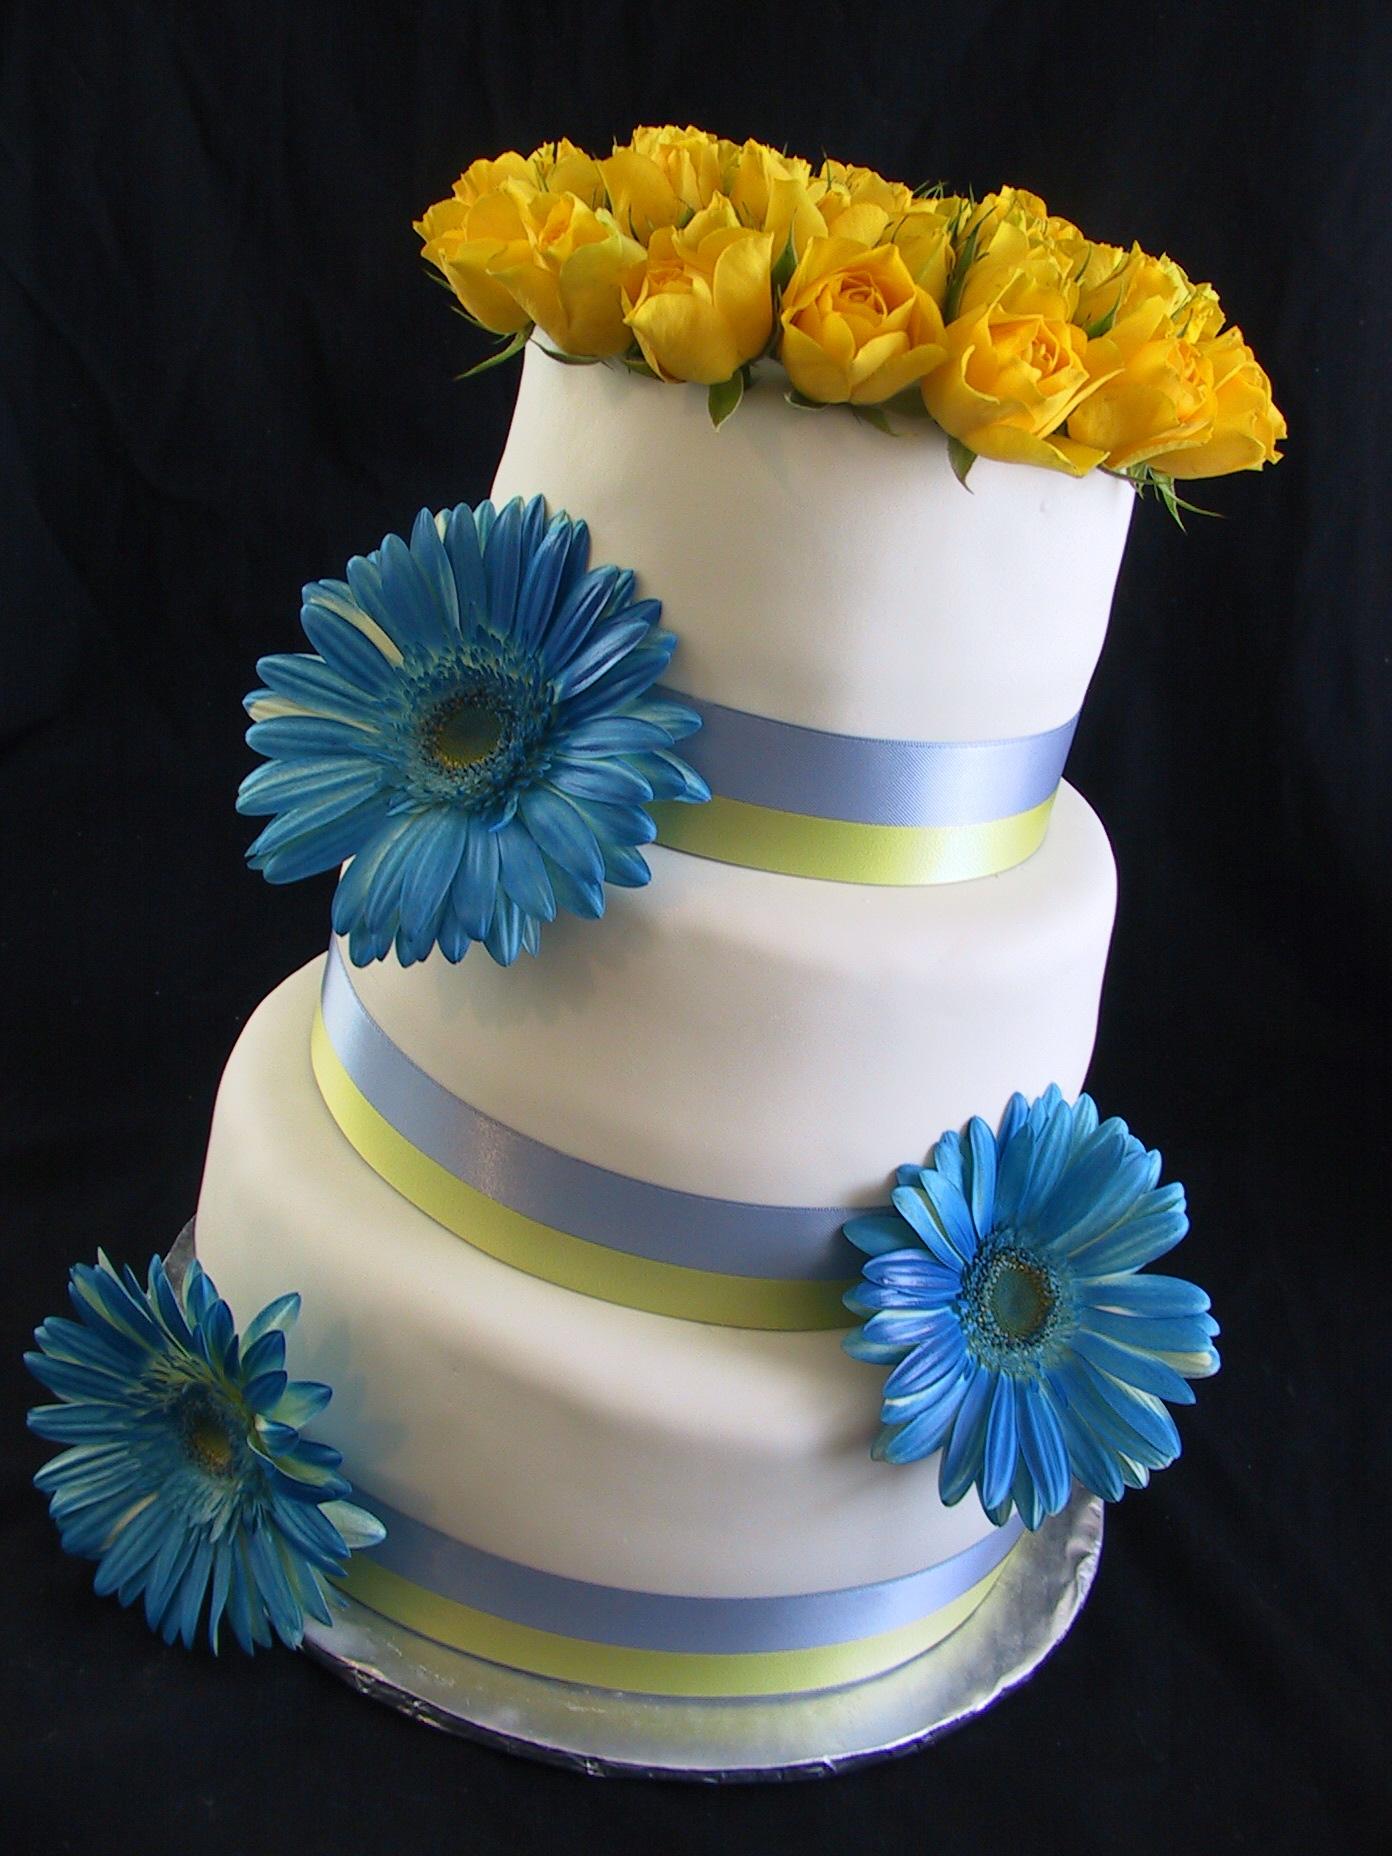 blue gerber daisy angle